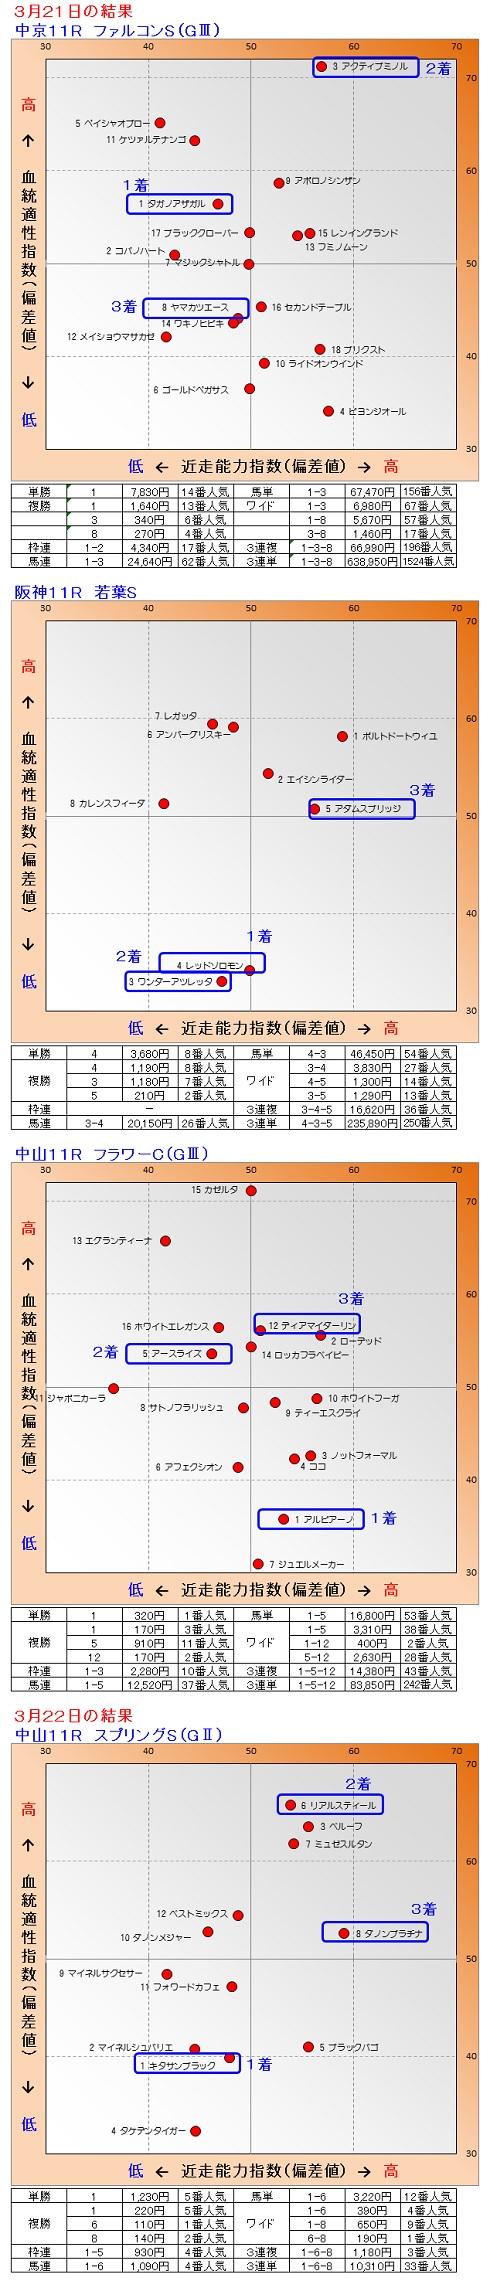 2015-03-2122結果1